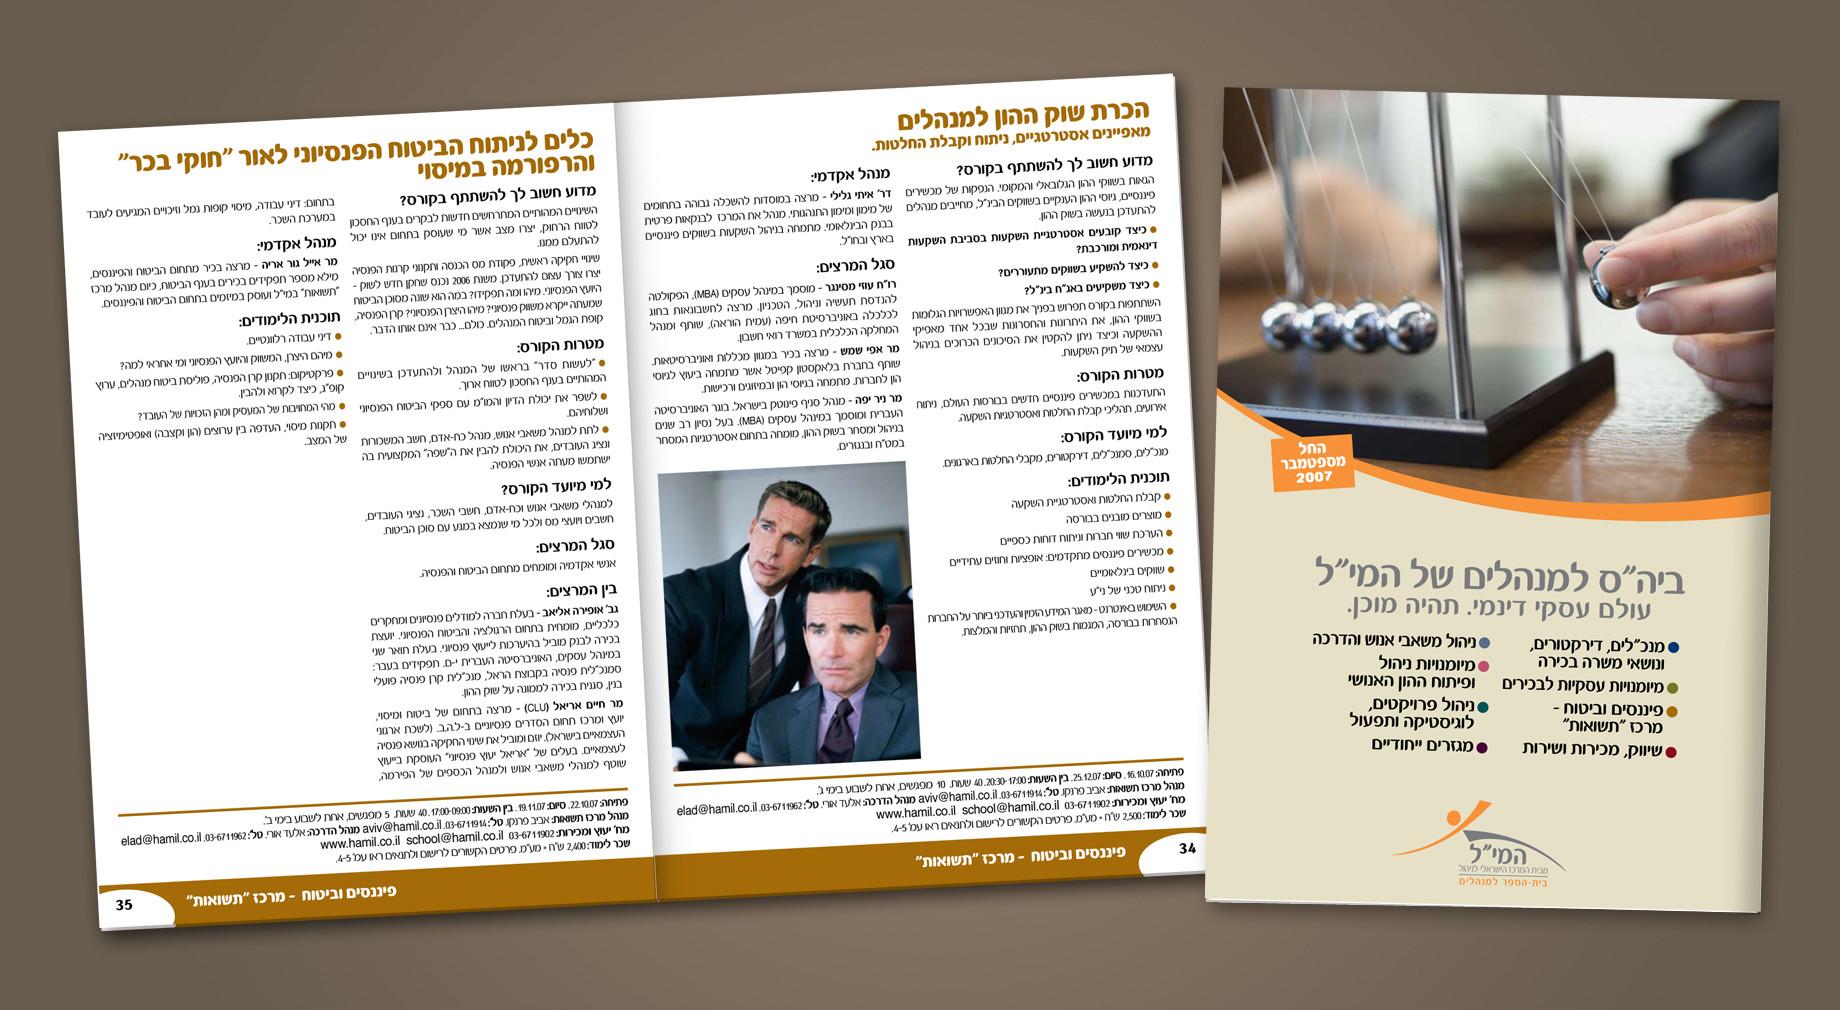 חוברת חוגים וקורסים ללימודי מנהלים